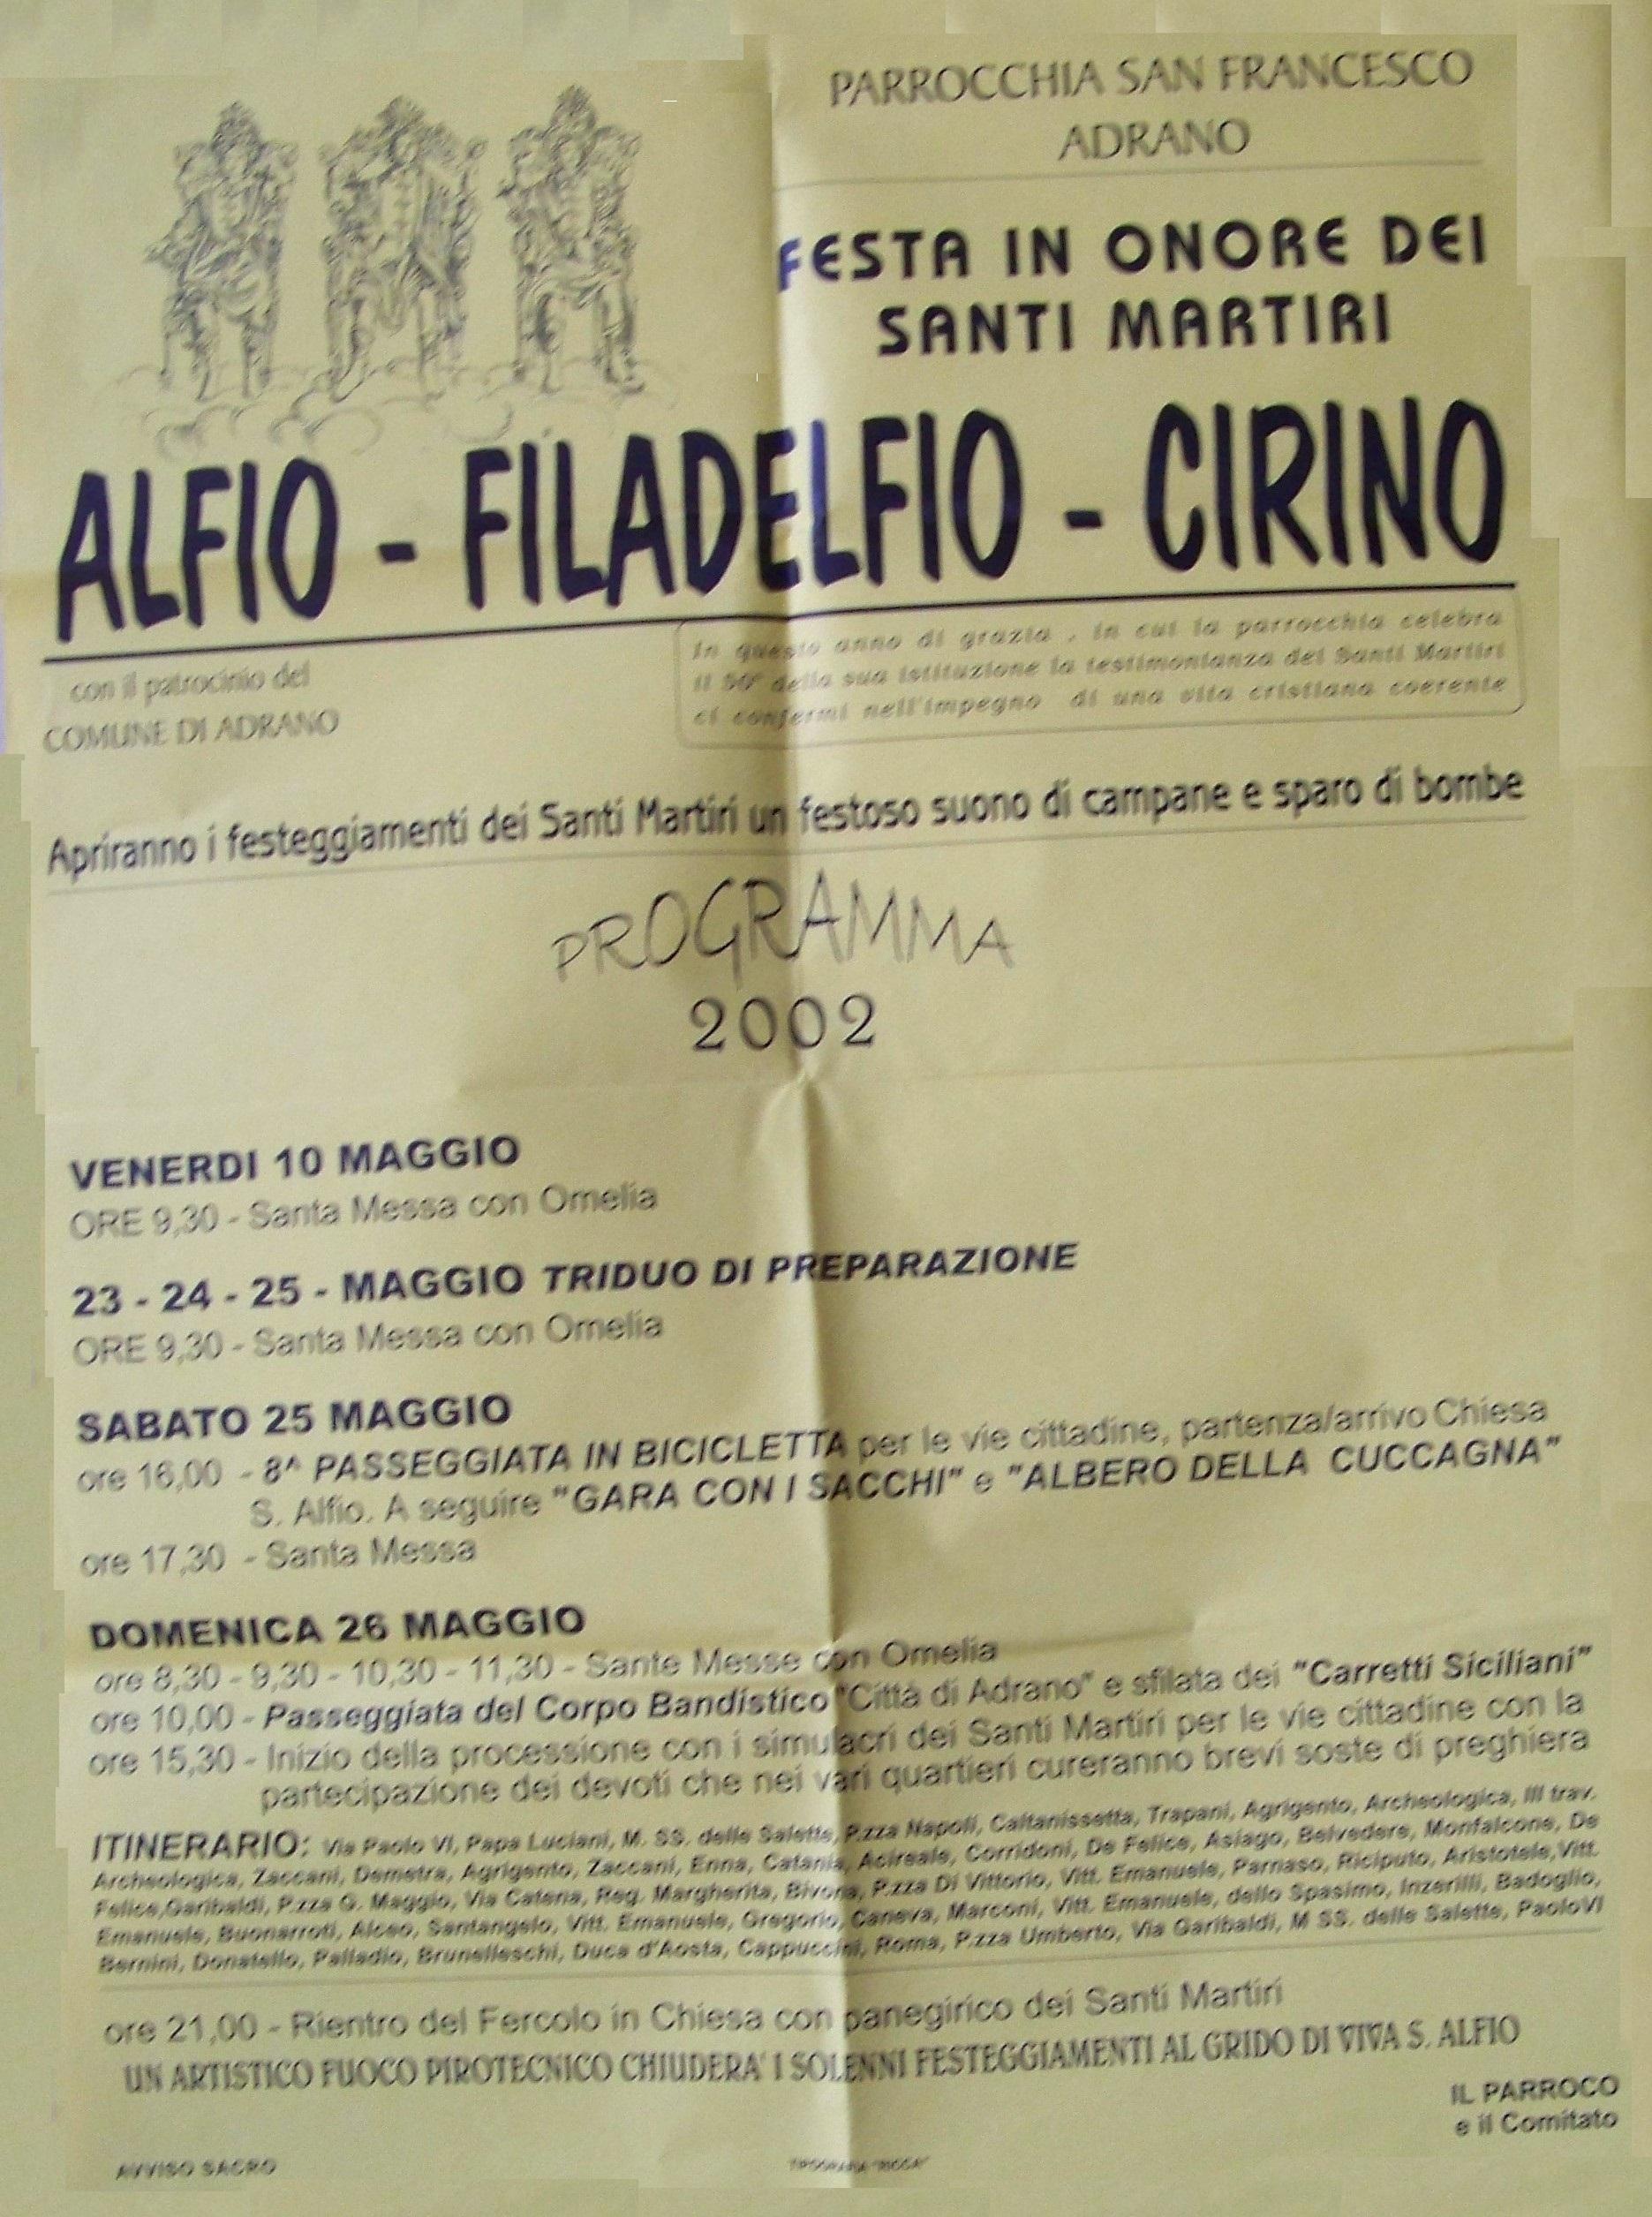 Chiesa Sant'Alfio Adrano Programma 2002